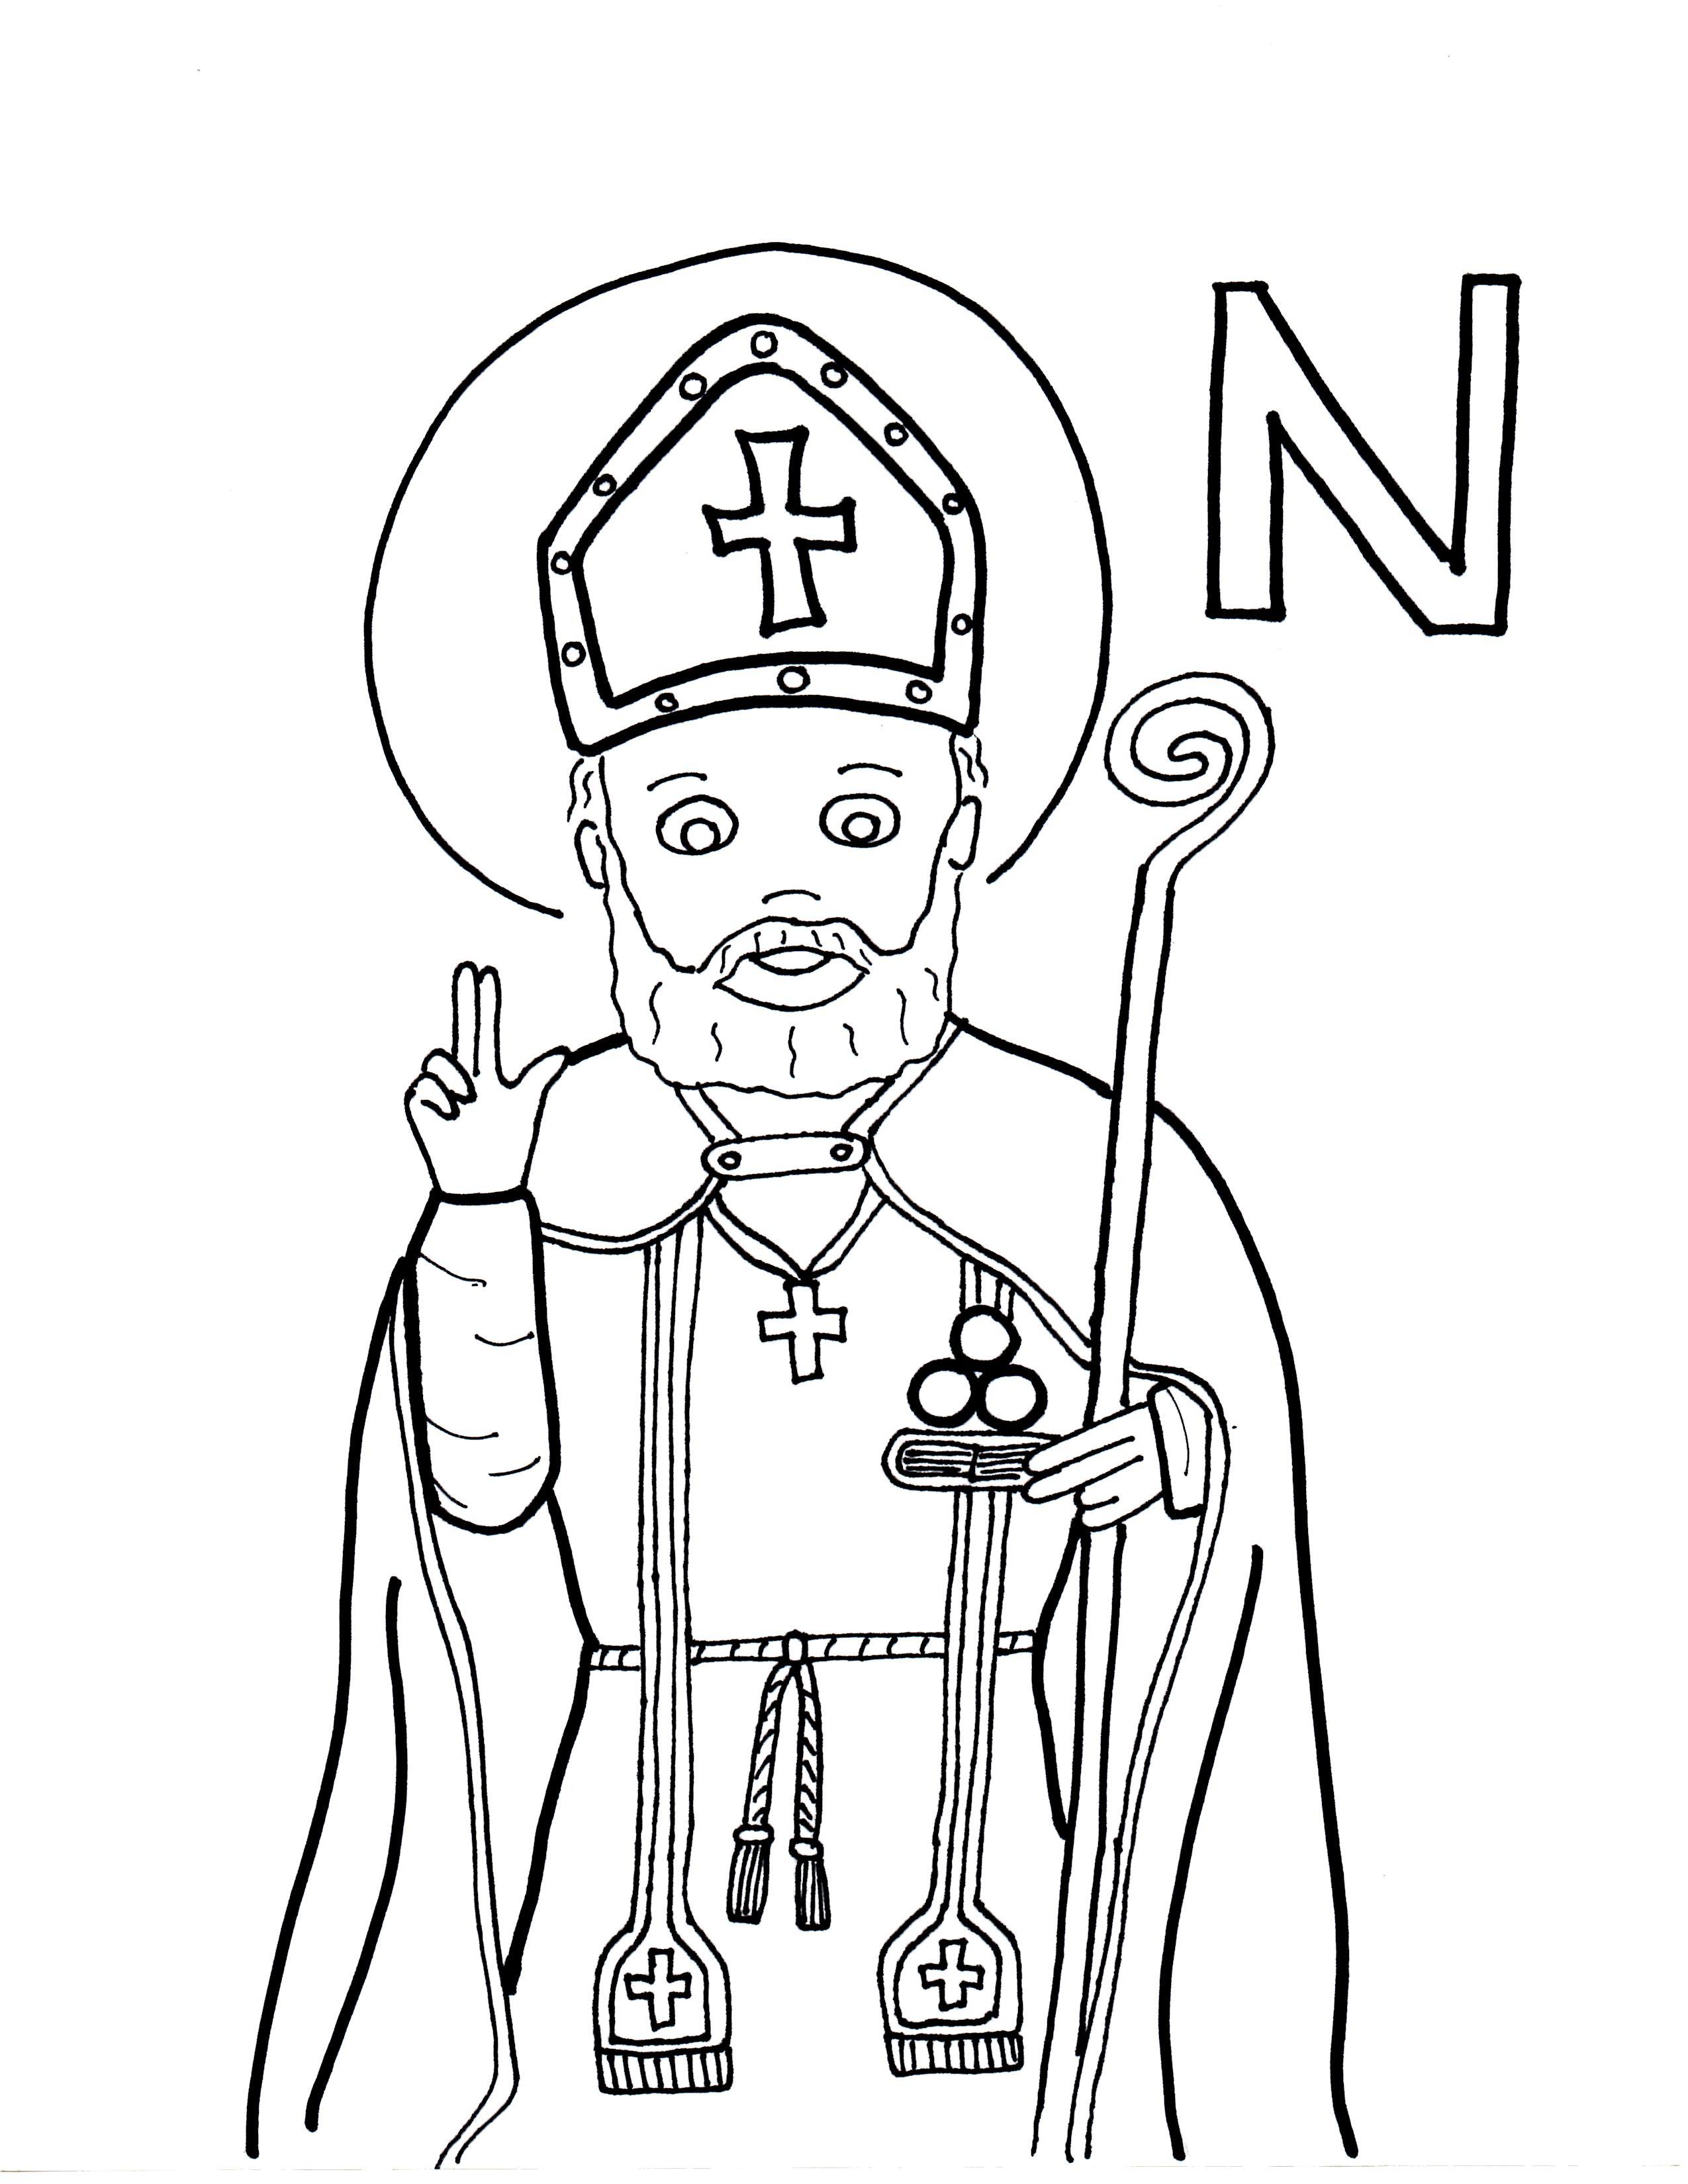 Clip Art Saint Nicholas Coloring Pages st nicholas coloring pages az page free on masivy world